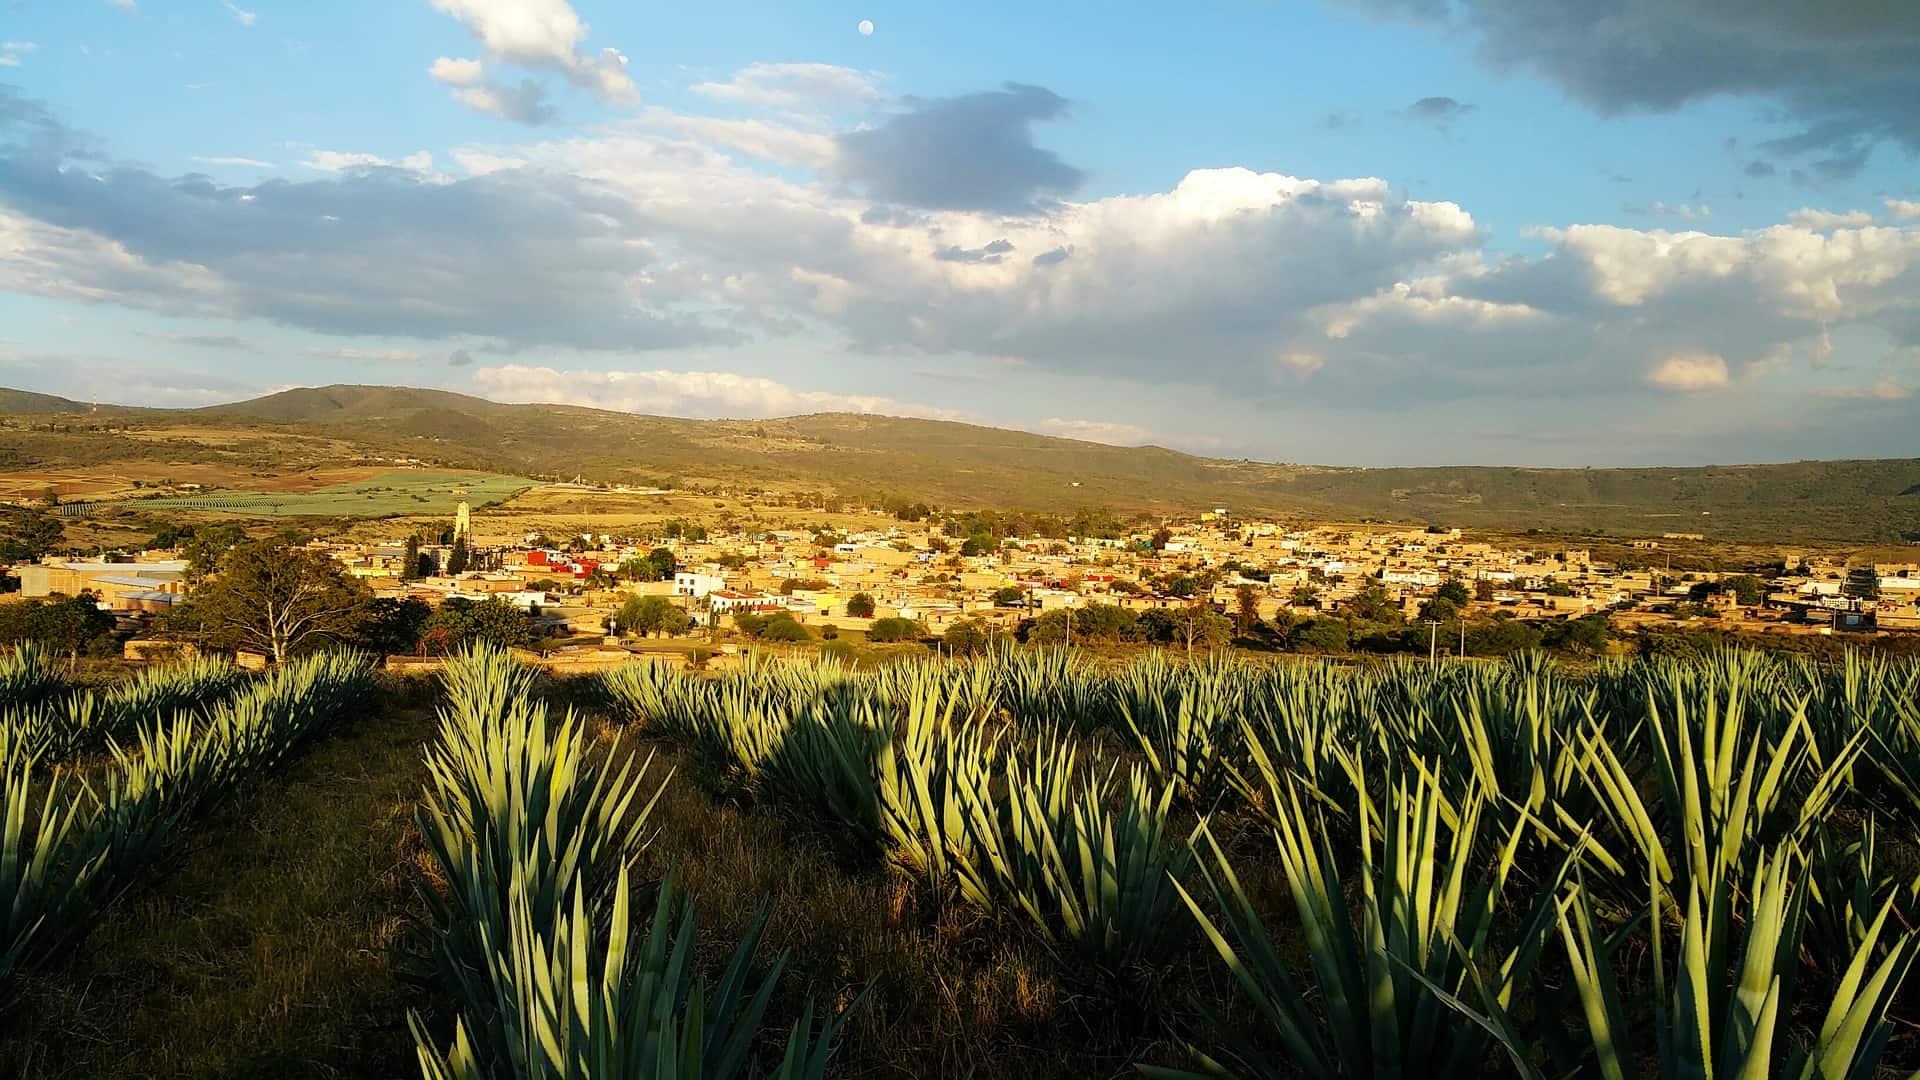 qué hacer en tequila jalisco 1